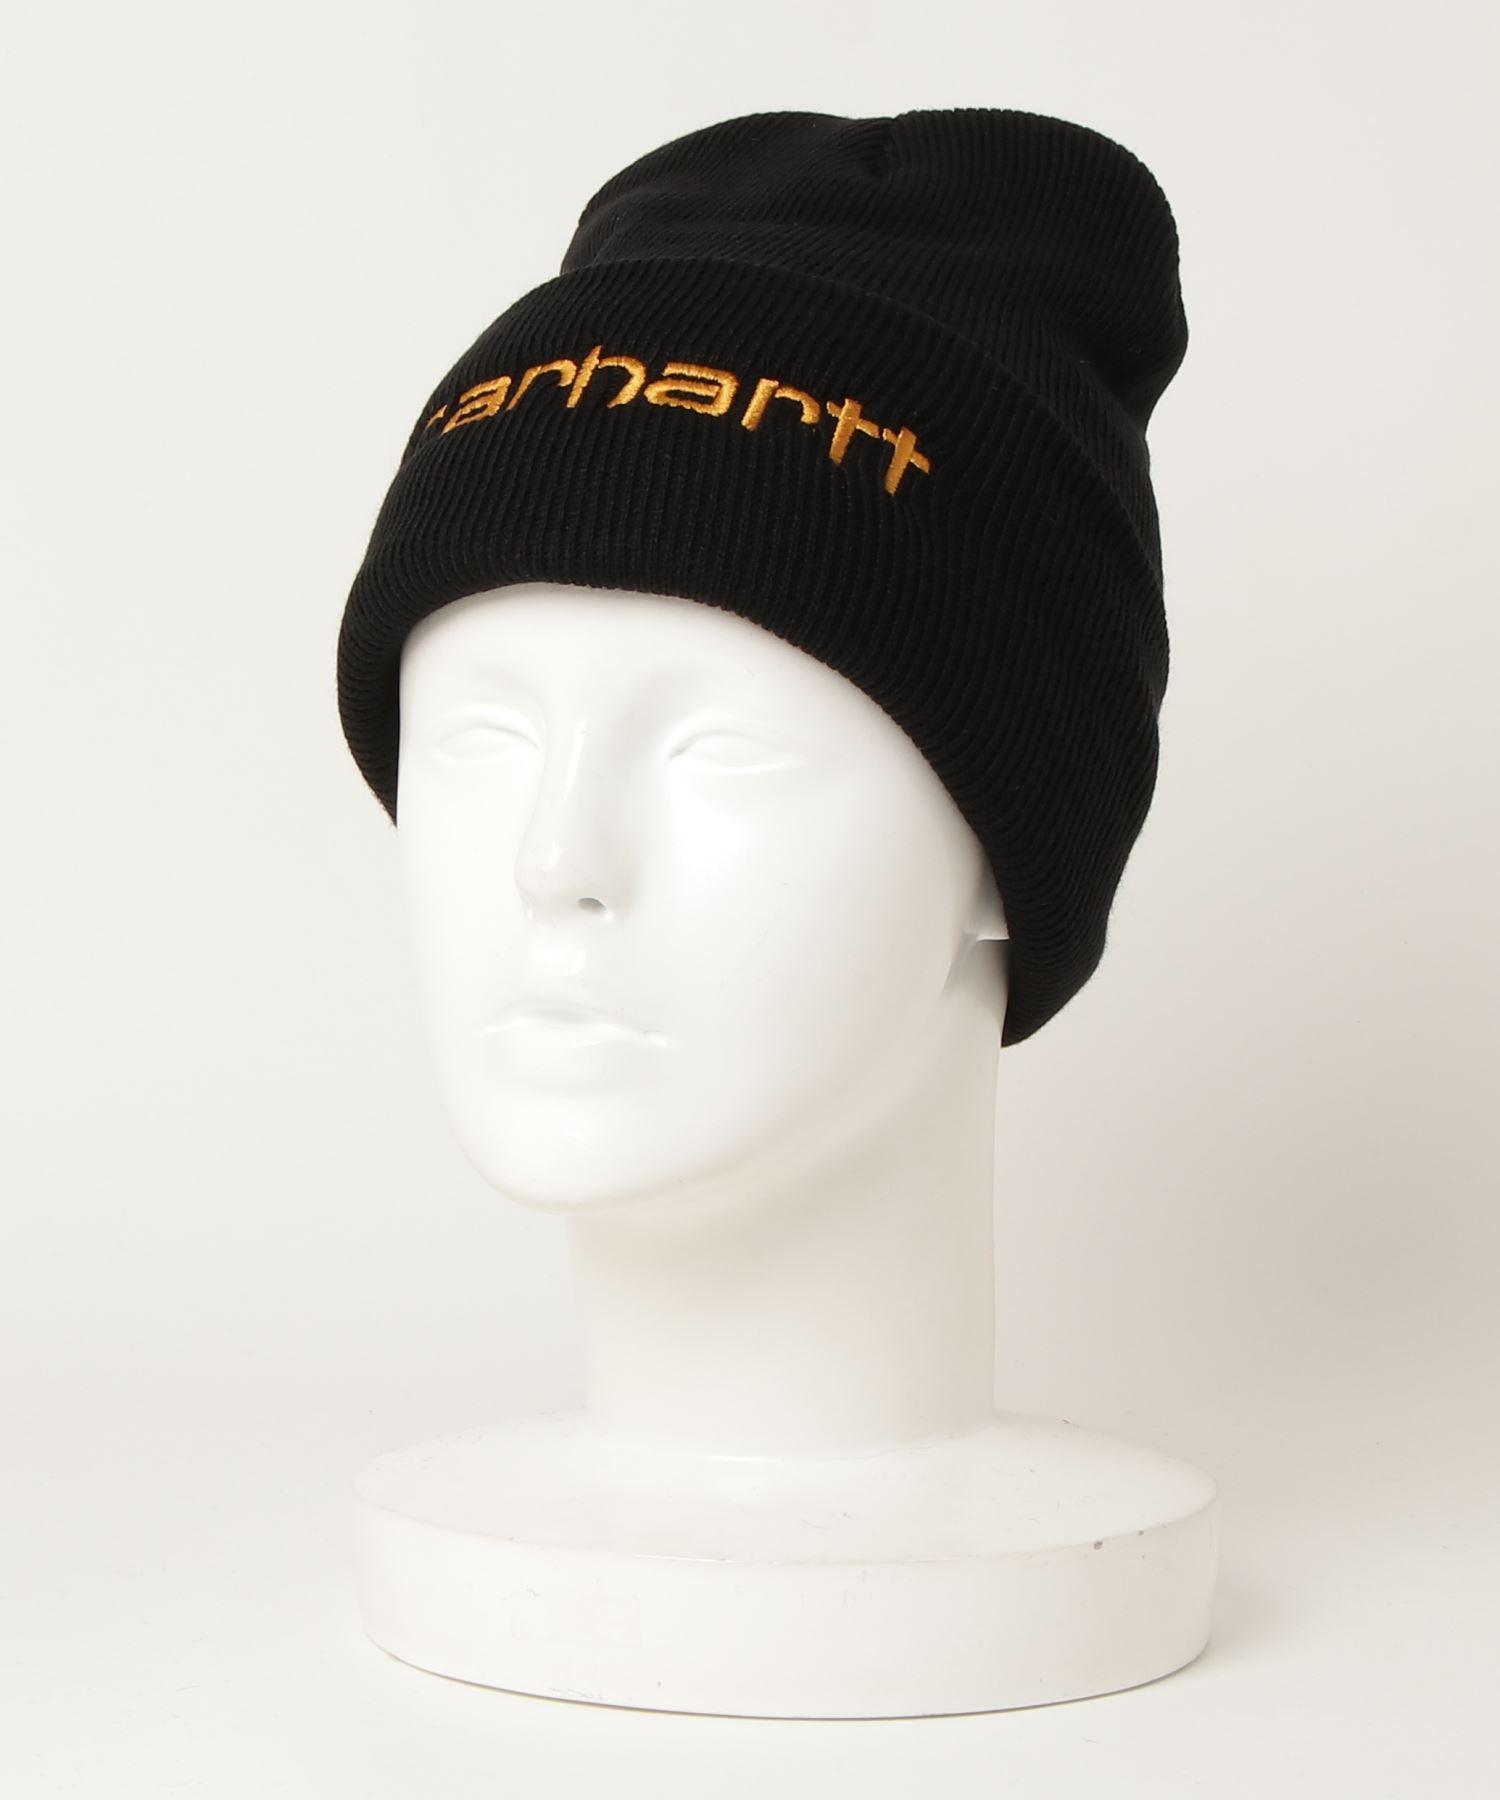 【 carhartt / カーハート 】アクリル 刺繍 ニットワッチ ビーニー ニットキャップ ニット帽 carhartt 104068 NSZ